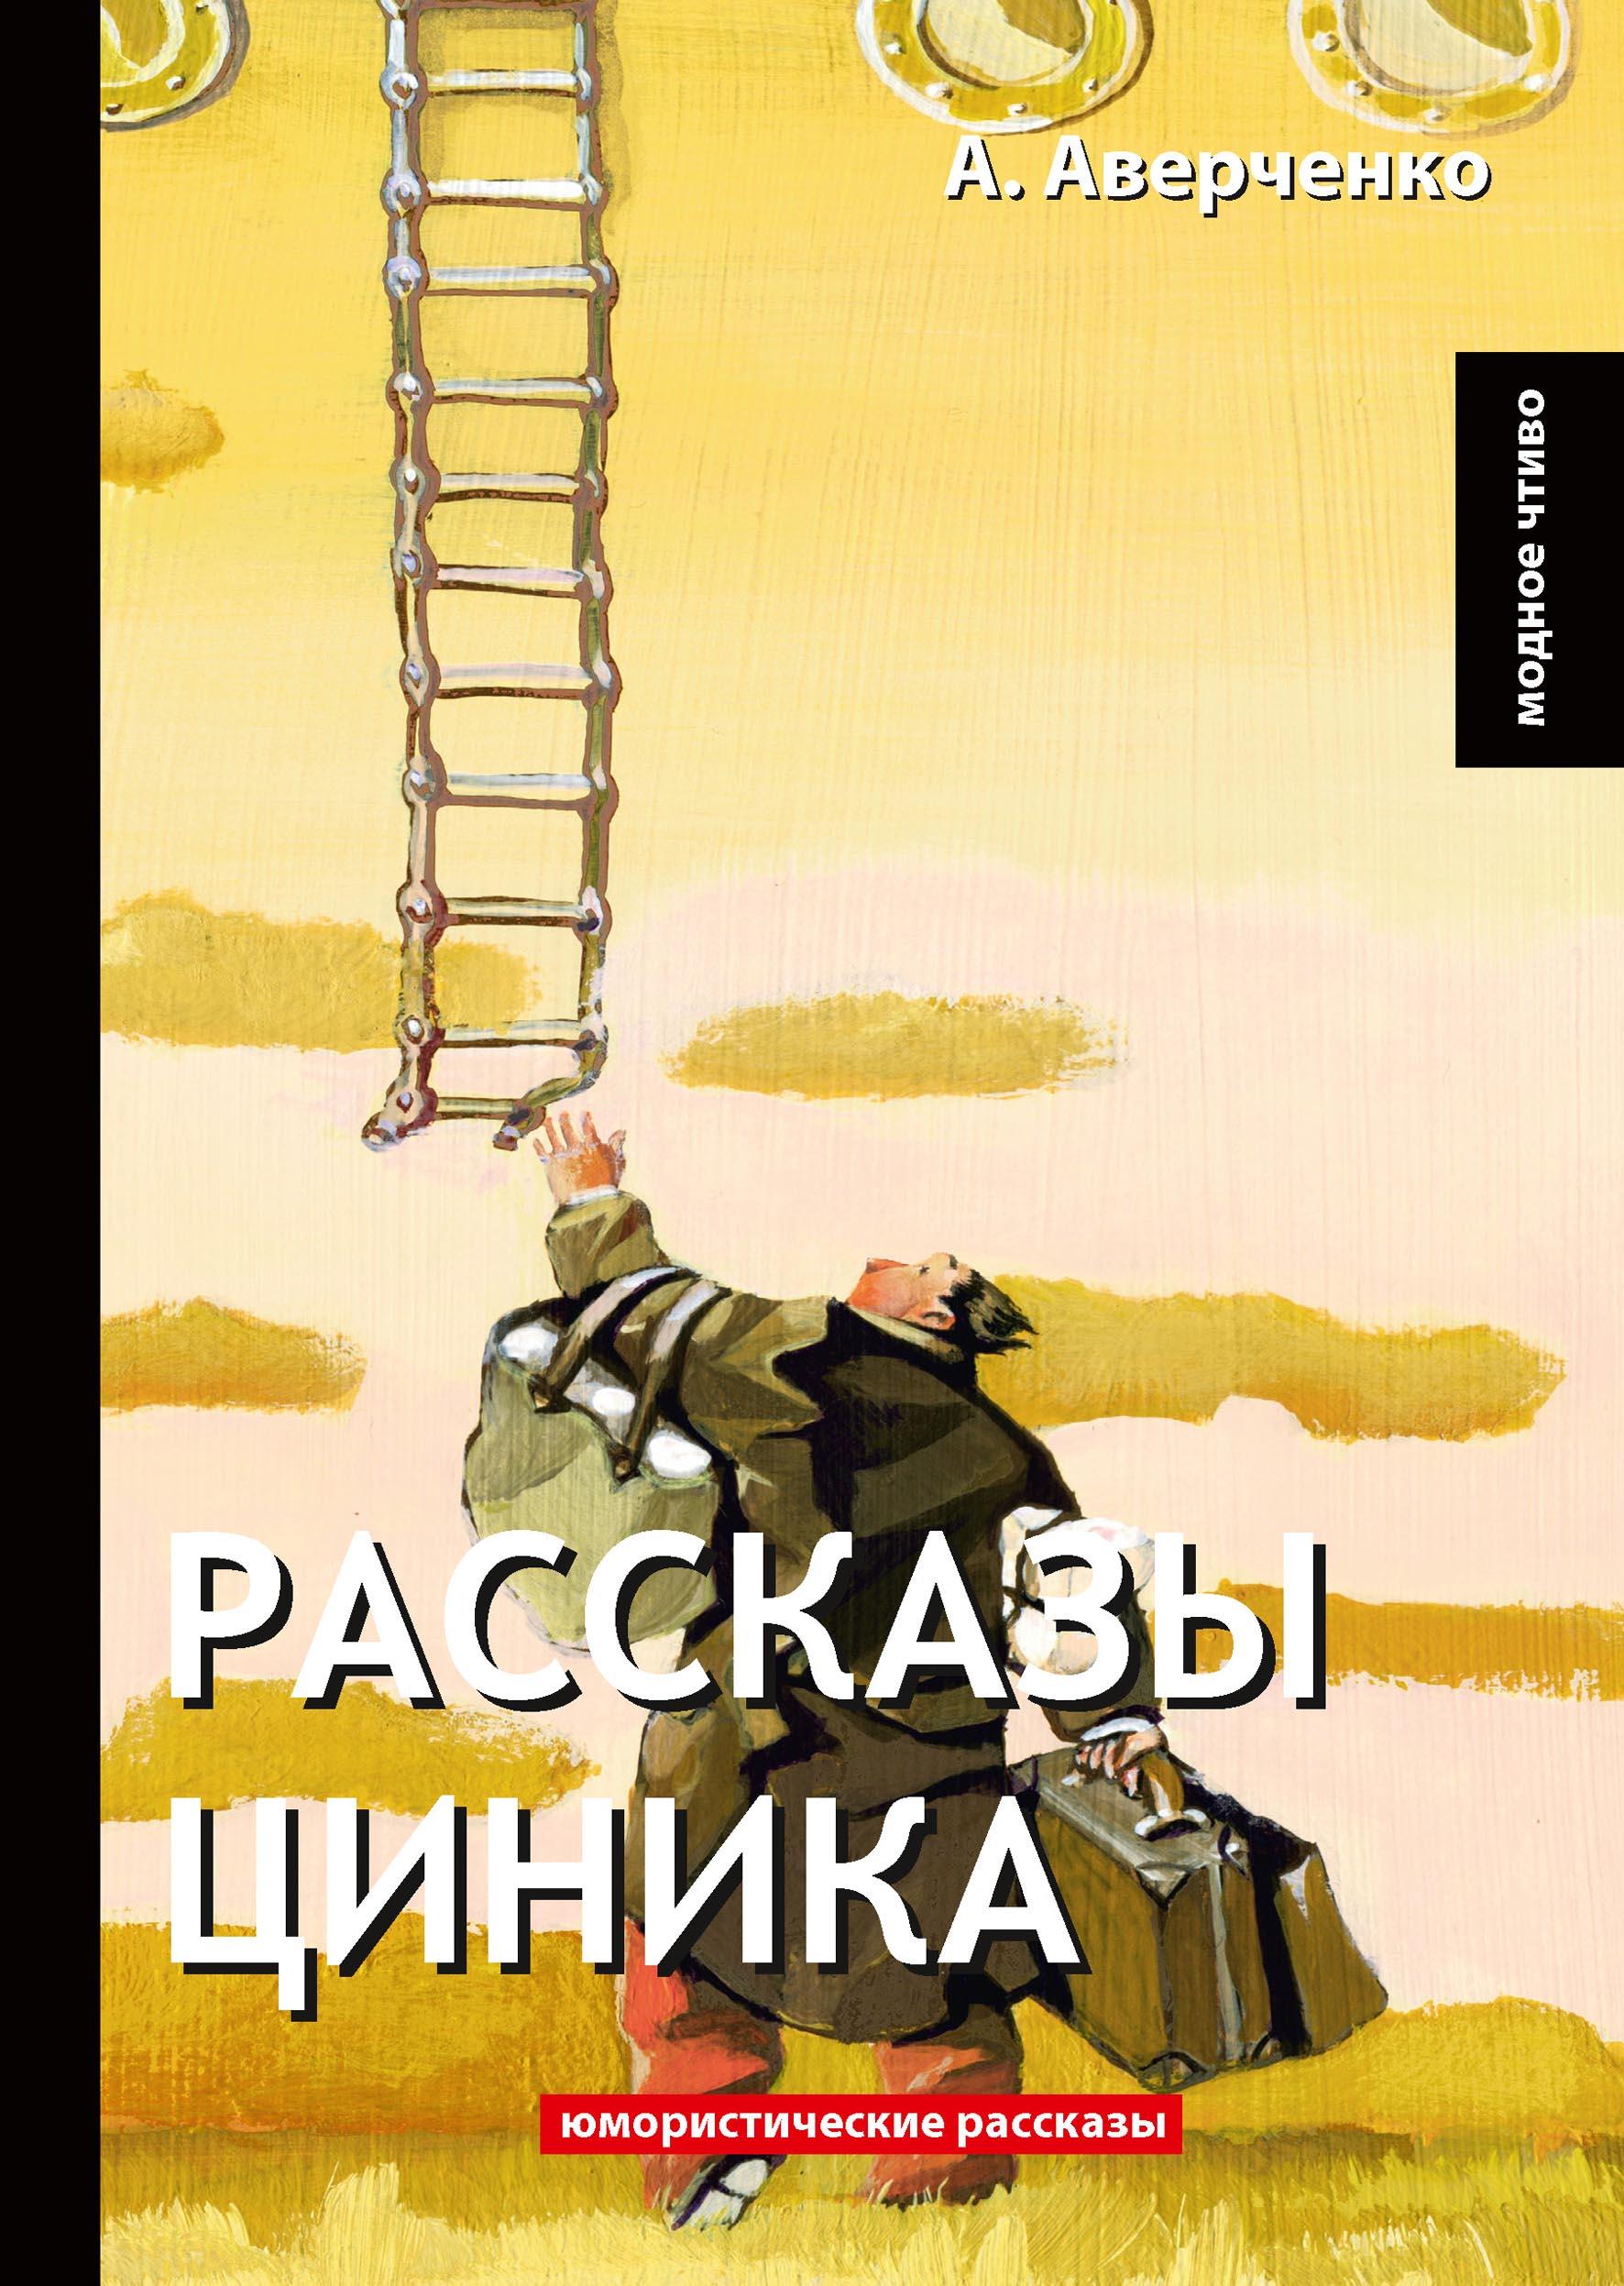 А. Аверченко Рассказы циника